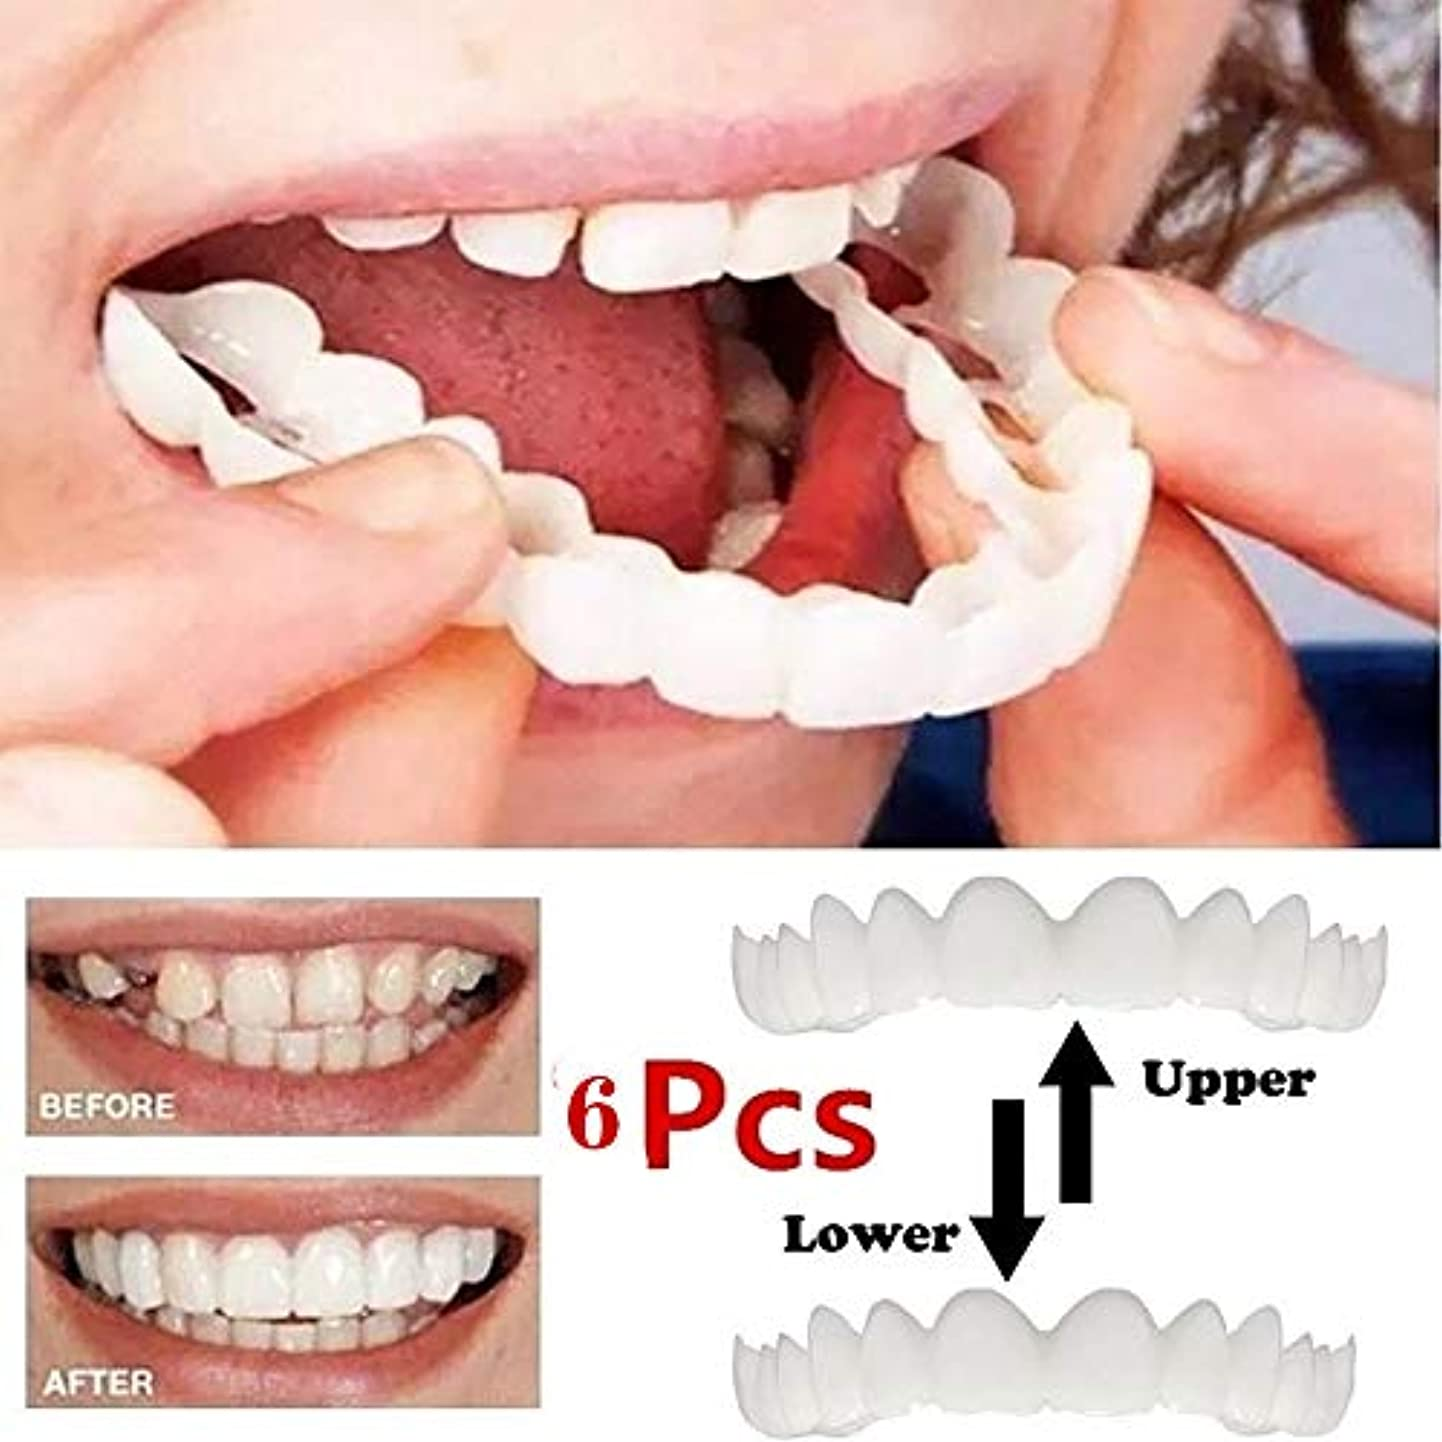 最新のベニヤの歯、化粧品の歯3ペア - 一時的な笑顔の快適さフィットフレックス化粧品の歯、ワンサイズは最もフィットし、快適なトップとボトムベニア - 歯突き板